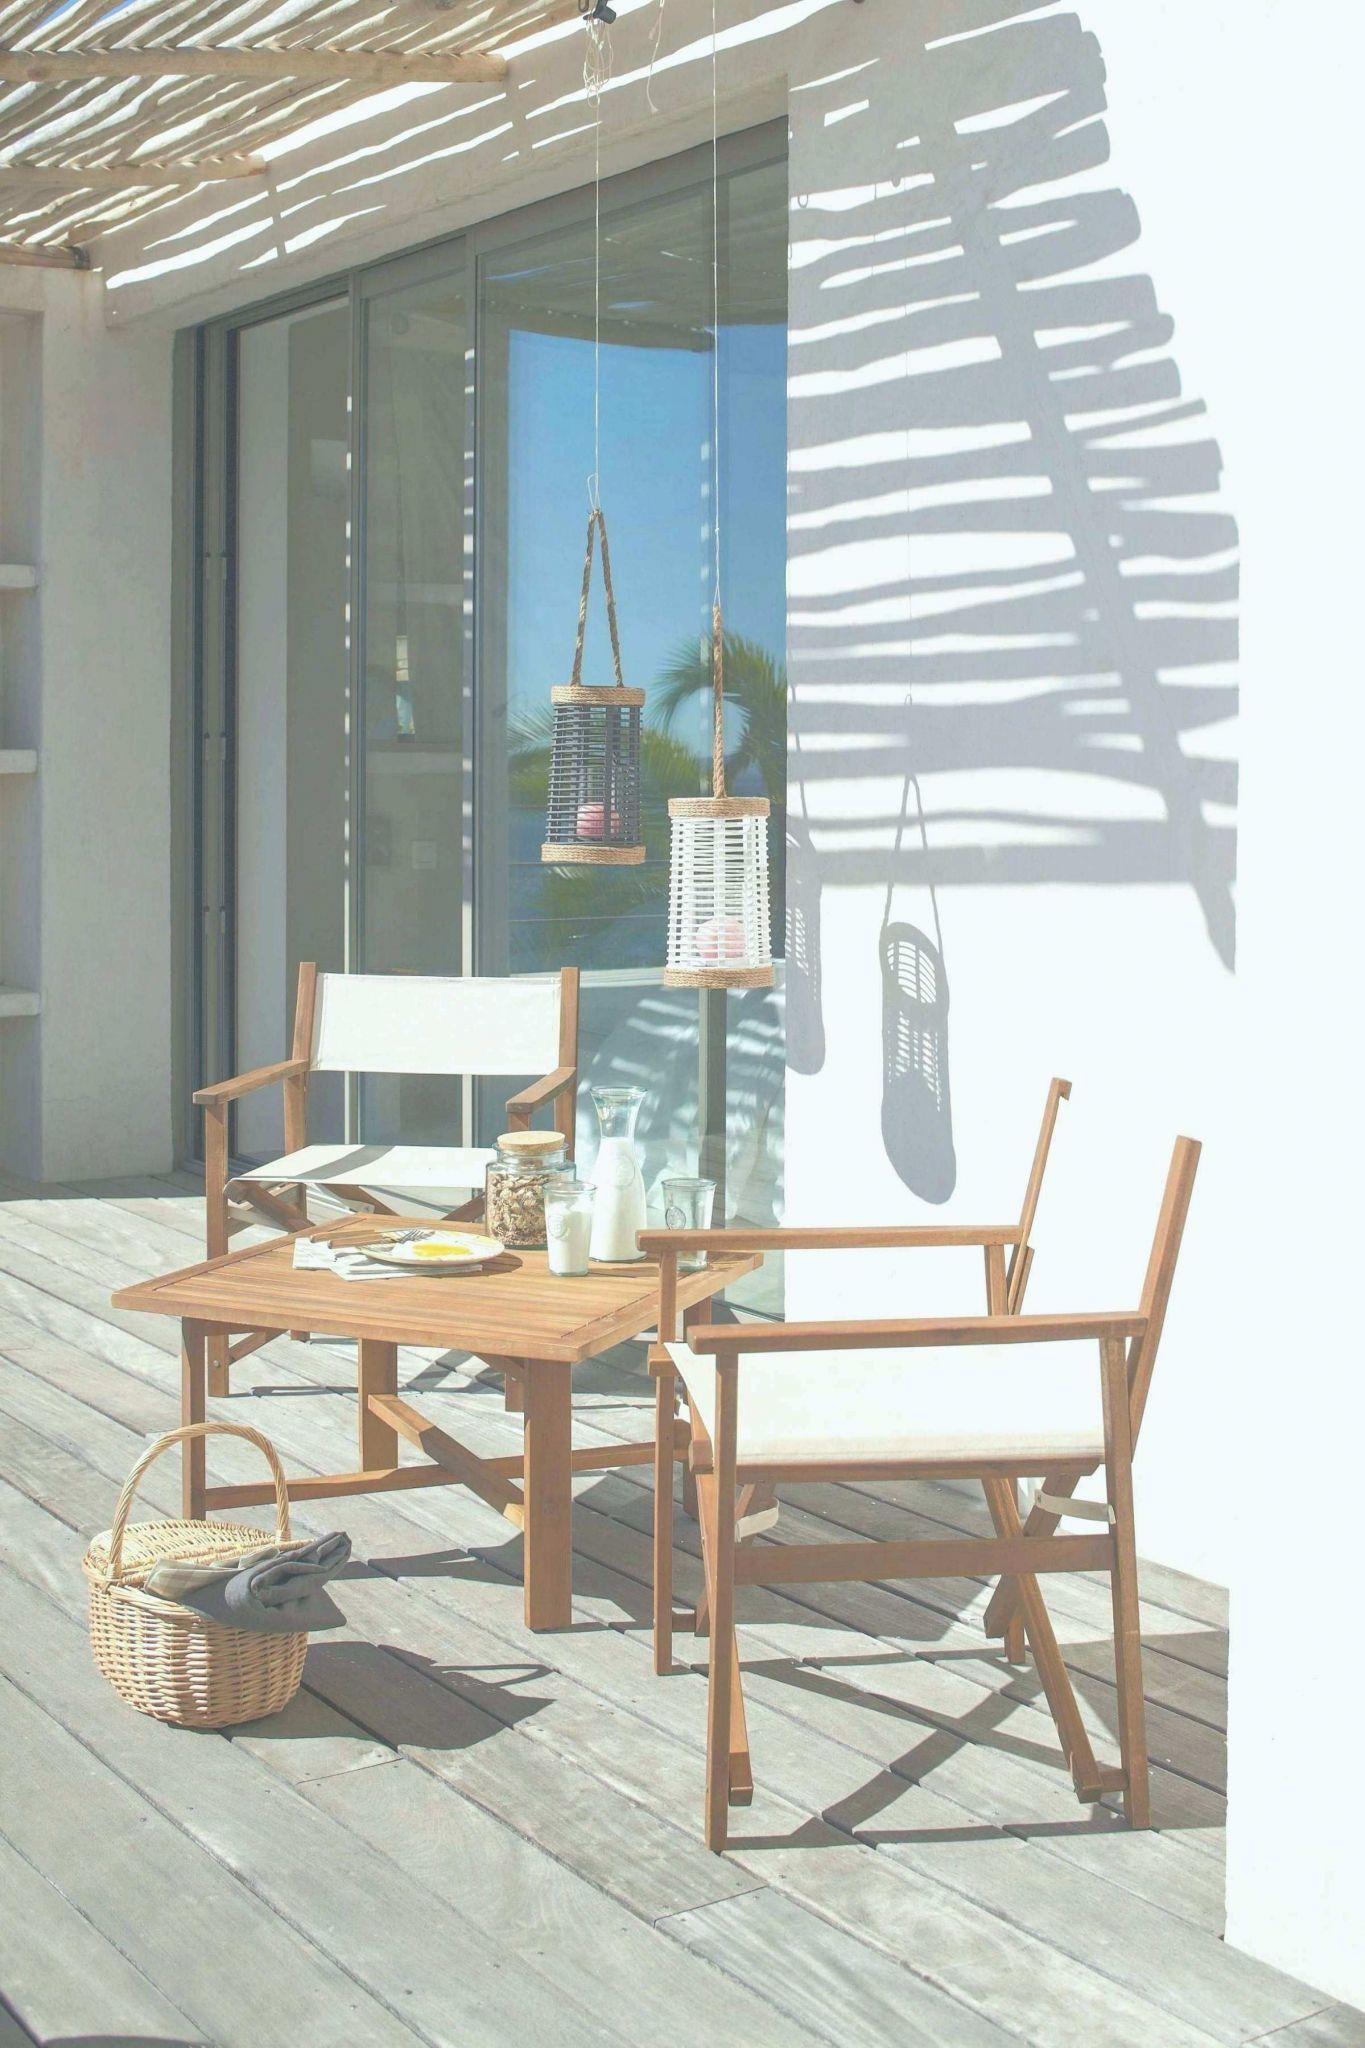 Salon De Jardin Bas Aluminium Nouveau Beautiful Salon Bas De ... encequiconcerne Salon De Jardin Bas Aluminium